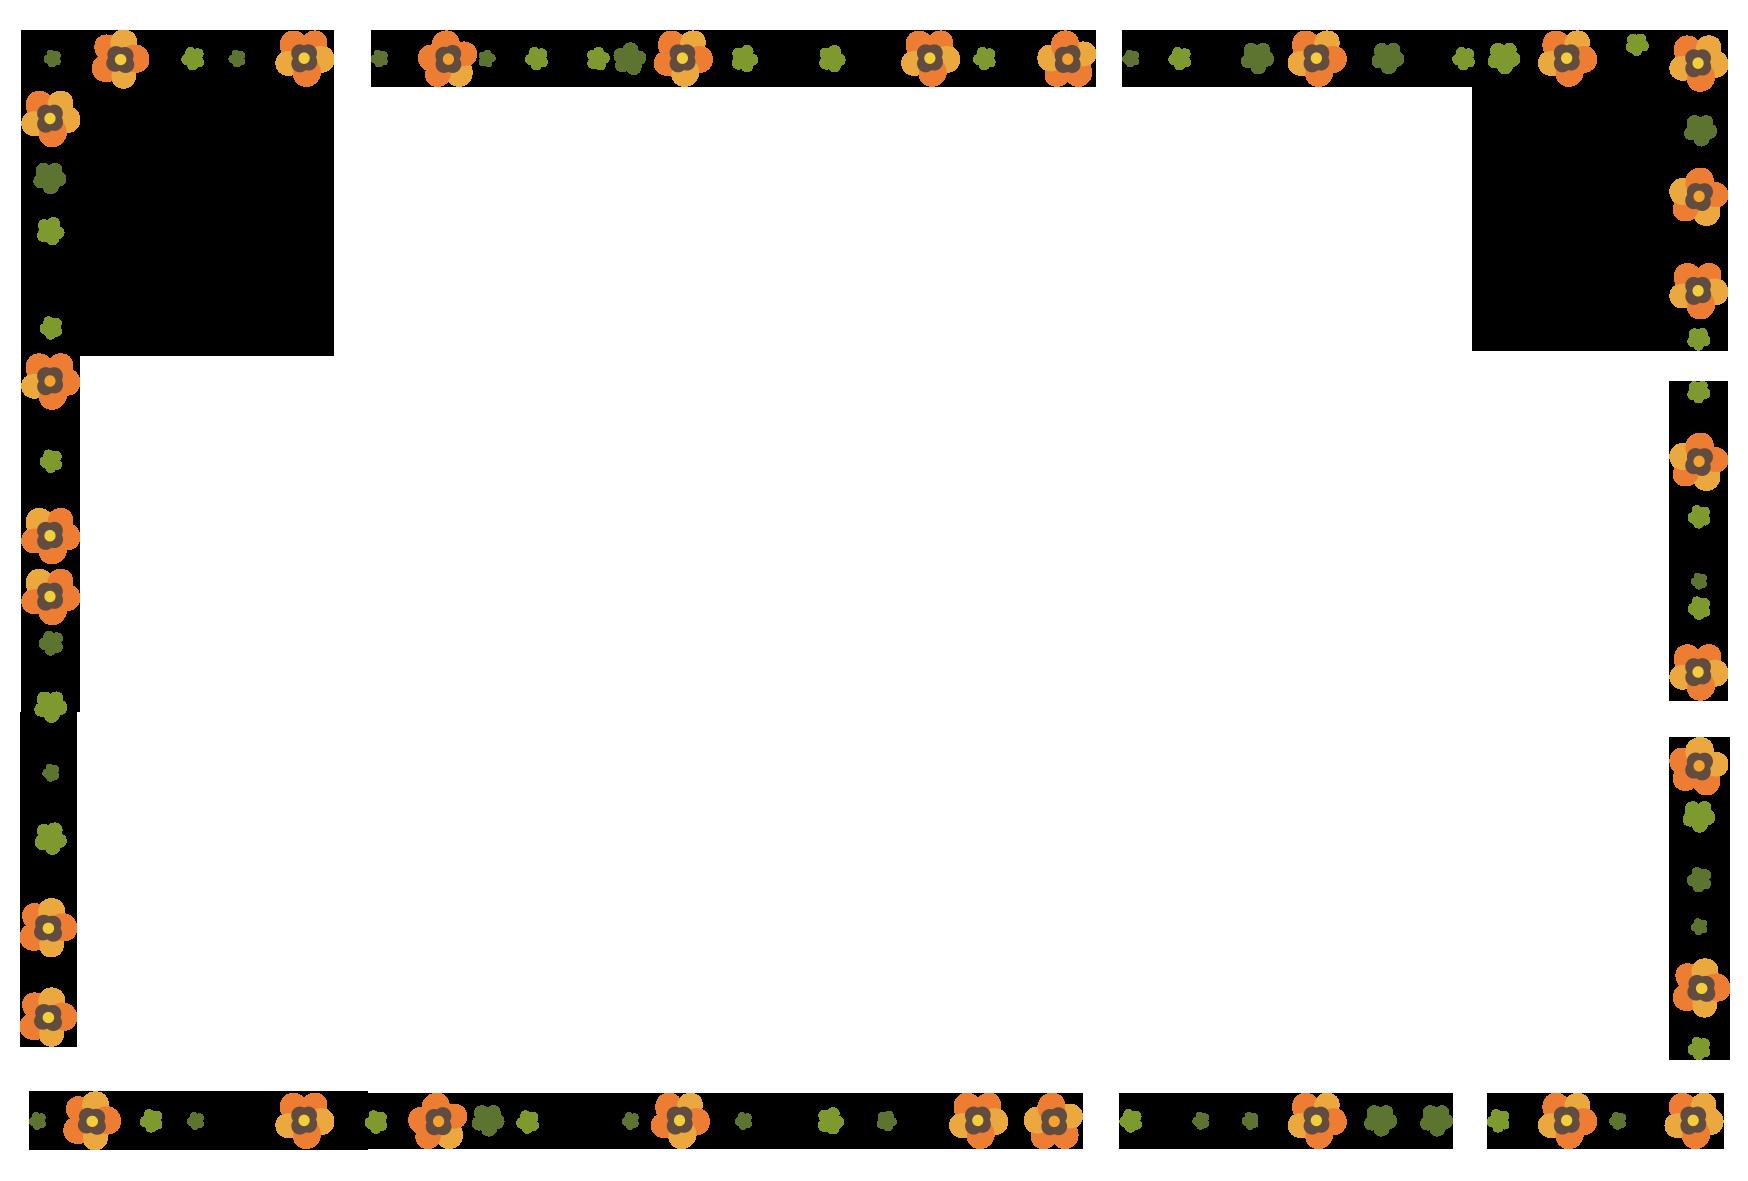 花フレーム」のイラスト一覧 - 無料イラスト愛